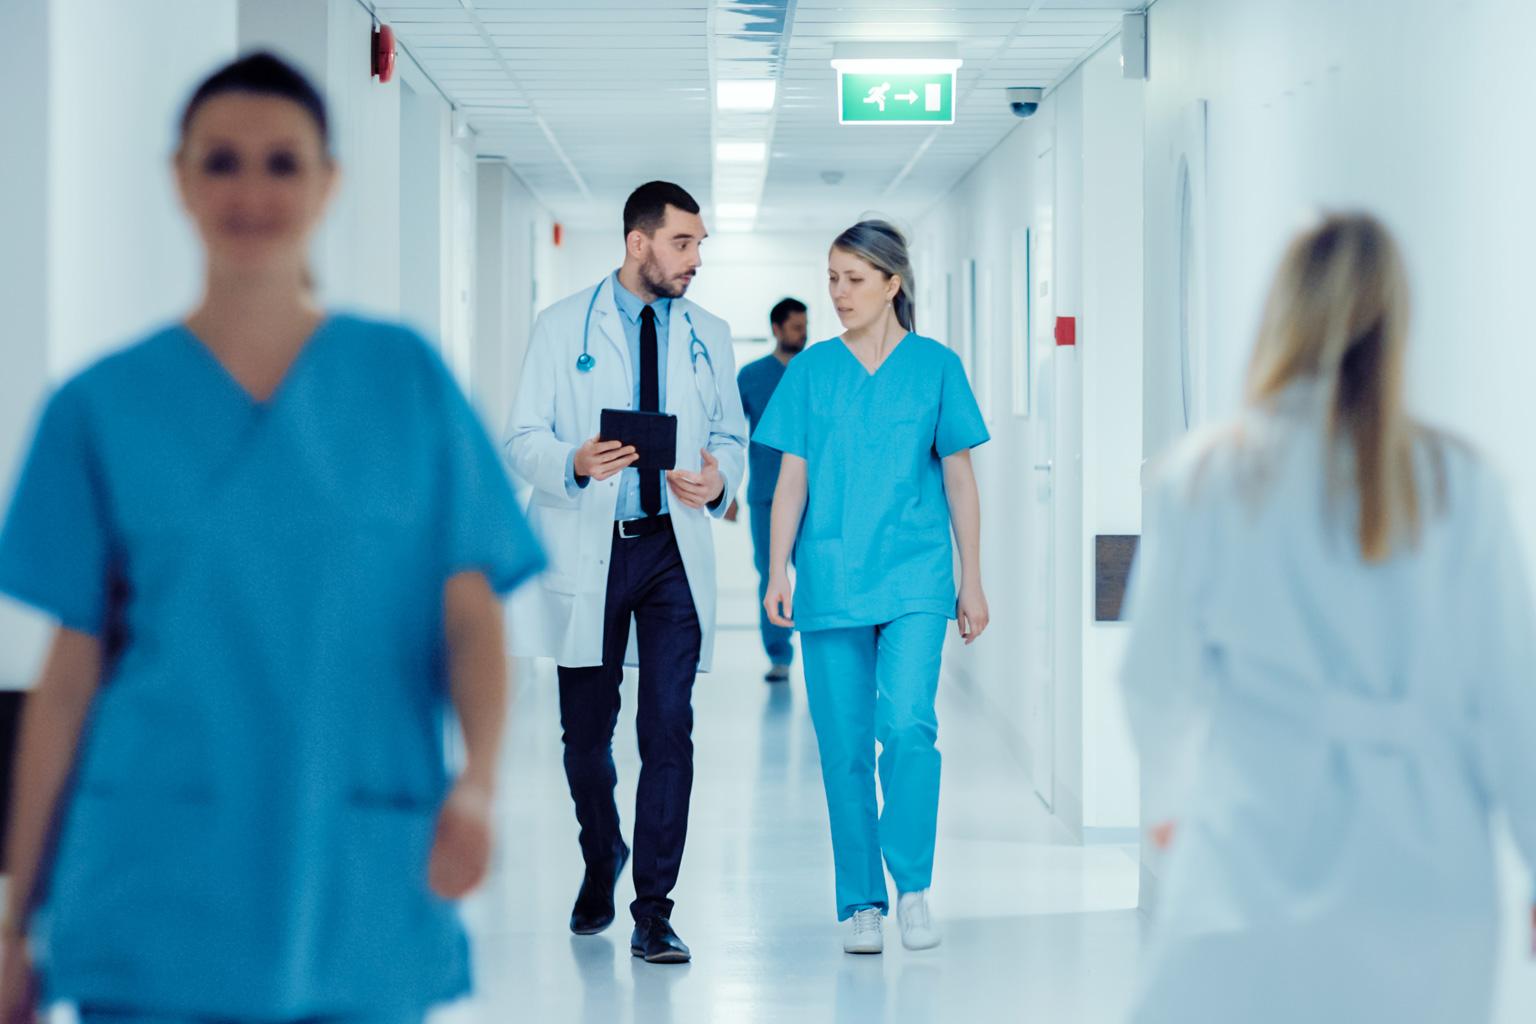 Korytarz szpitala, idący lekarze rozmawiają o Progmedica